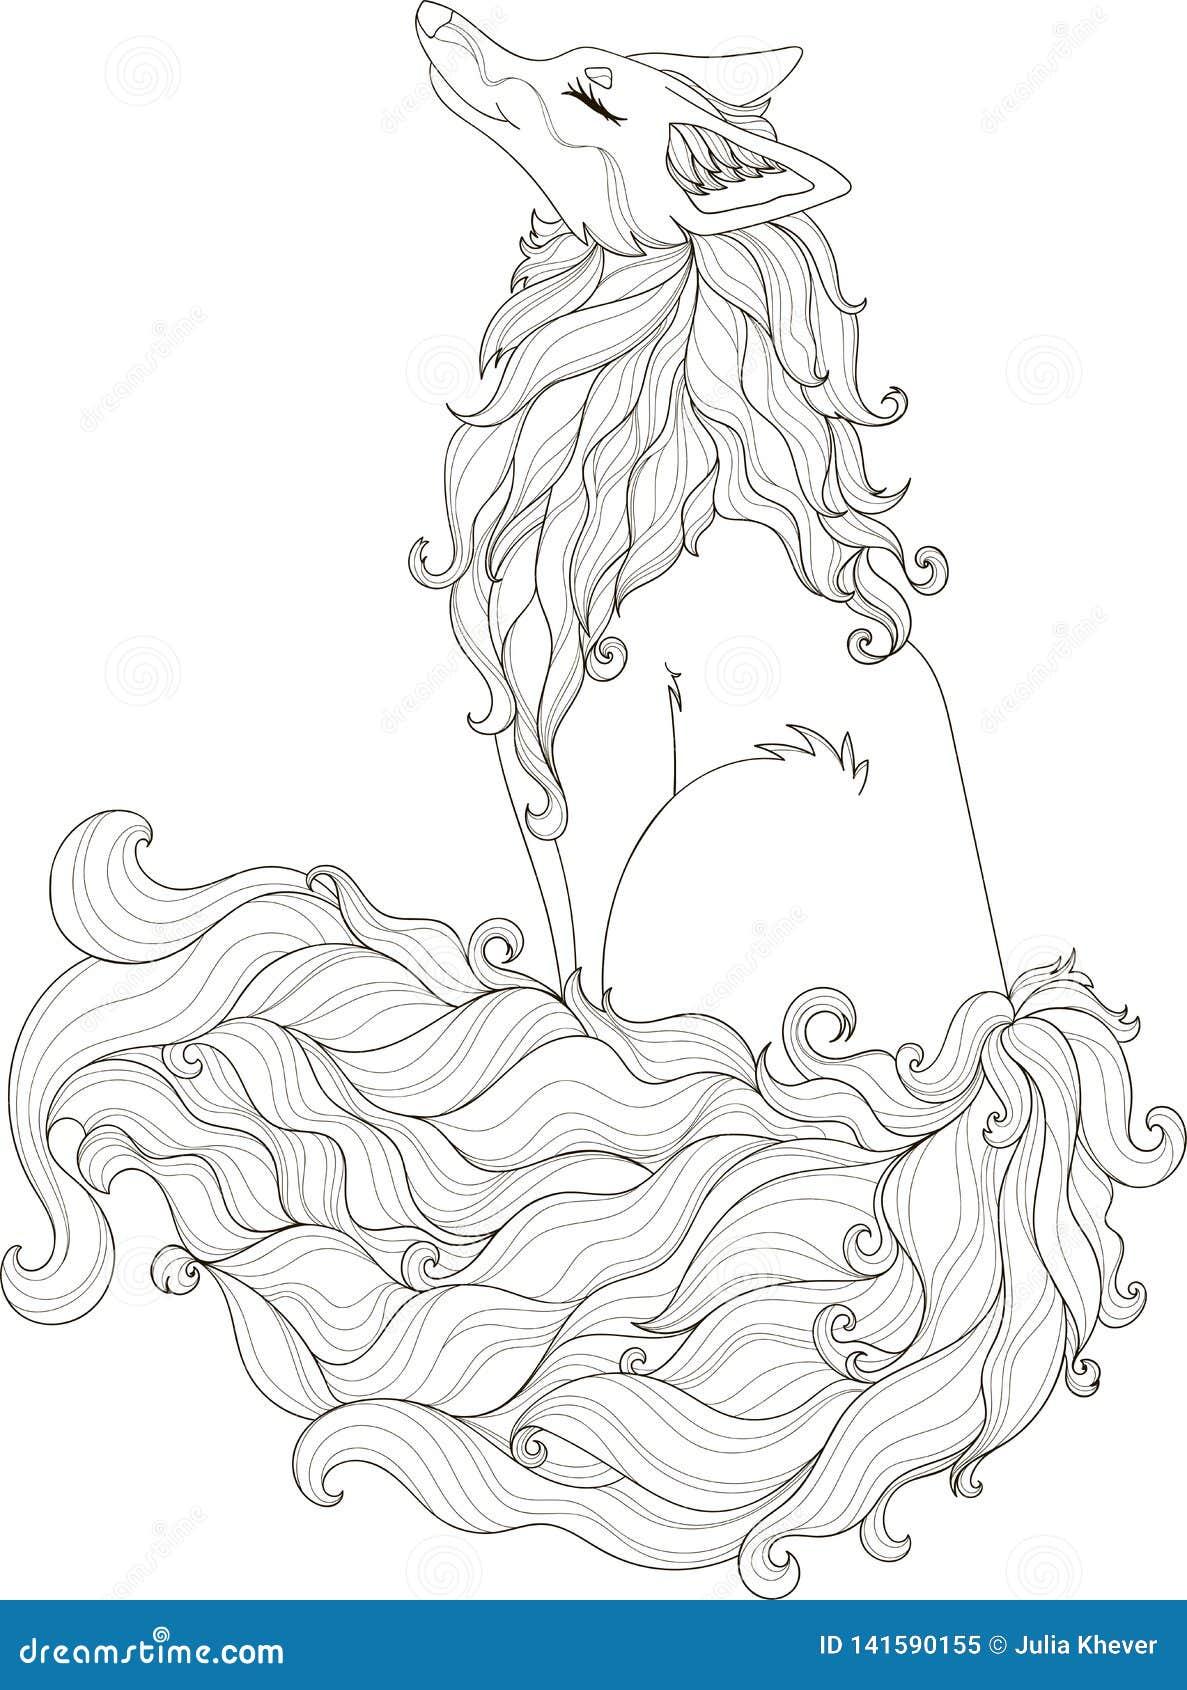 Стилизованная иллюстрация курчавое foxy в стиле doodle путать для книжка-раскраски